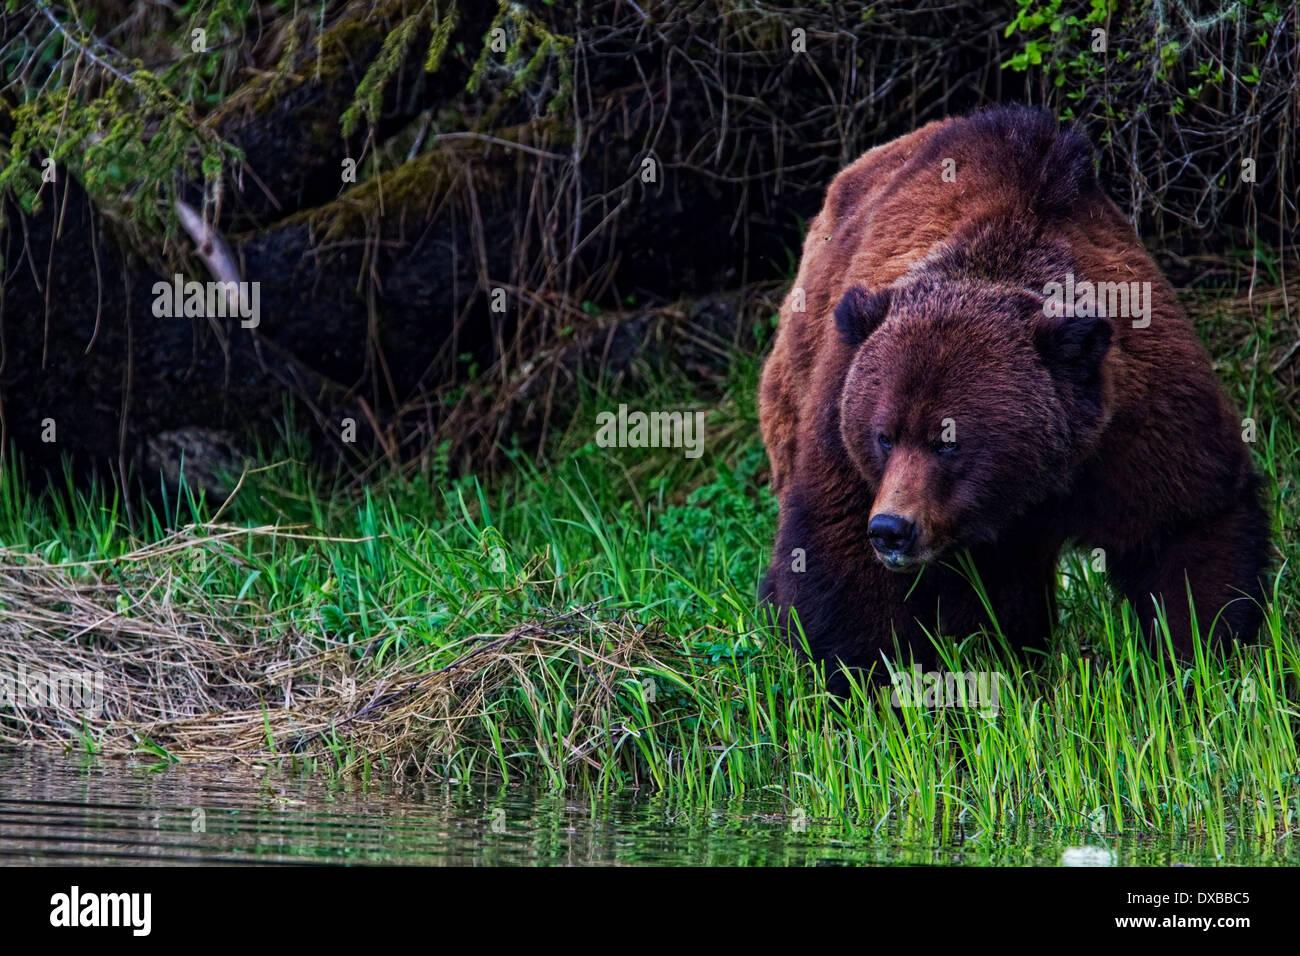 Wunderbar Laubwald Tiere Färbung Seiten Fotos - Malvorlagen Von ...